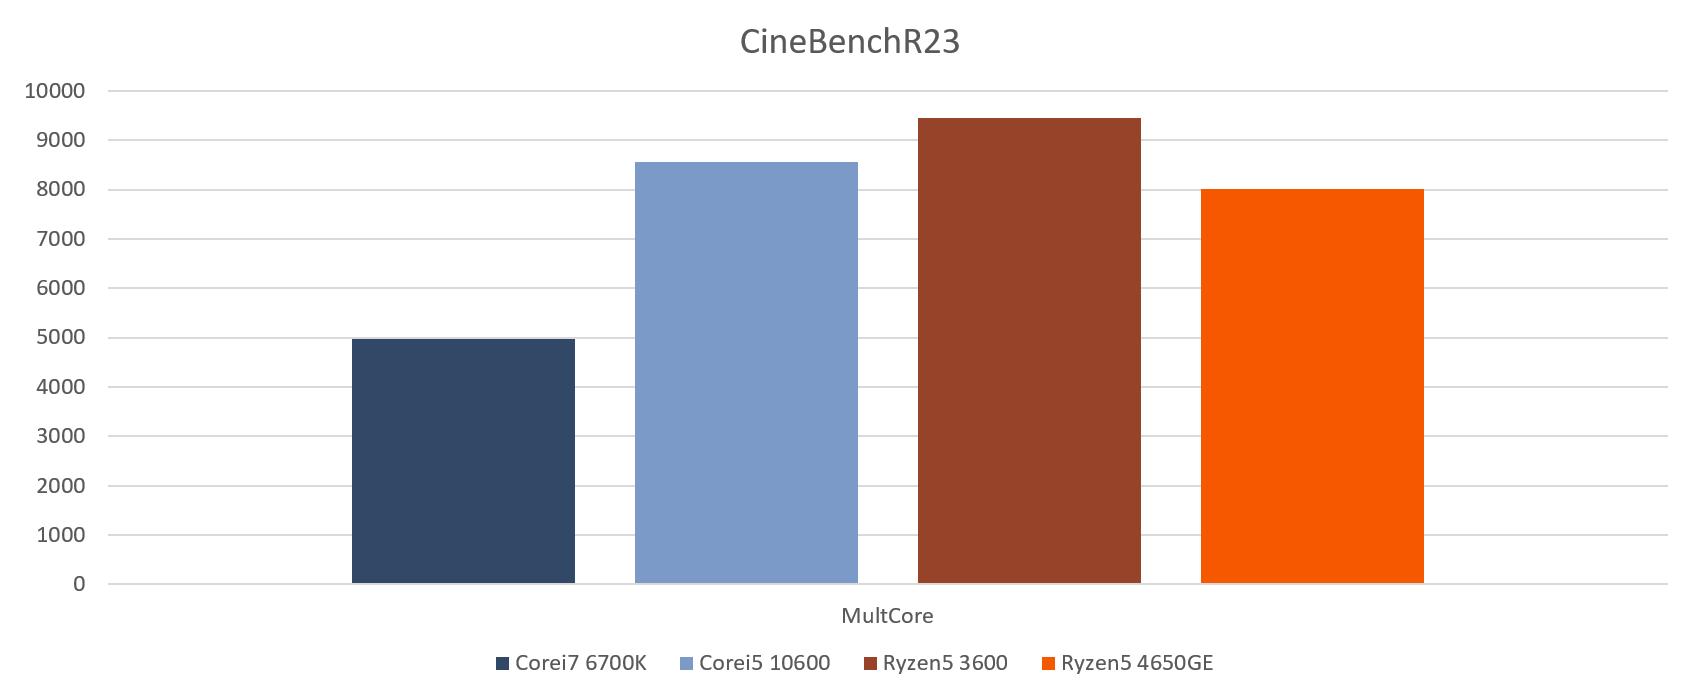 cinebenchR23_multi